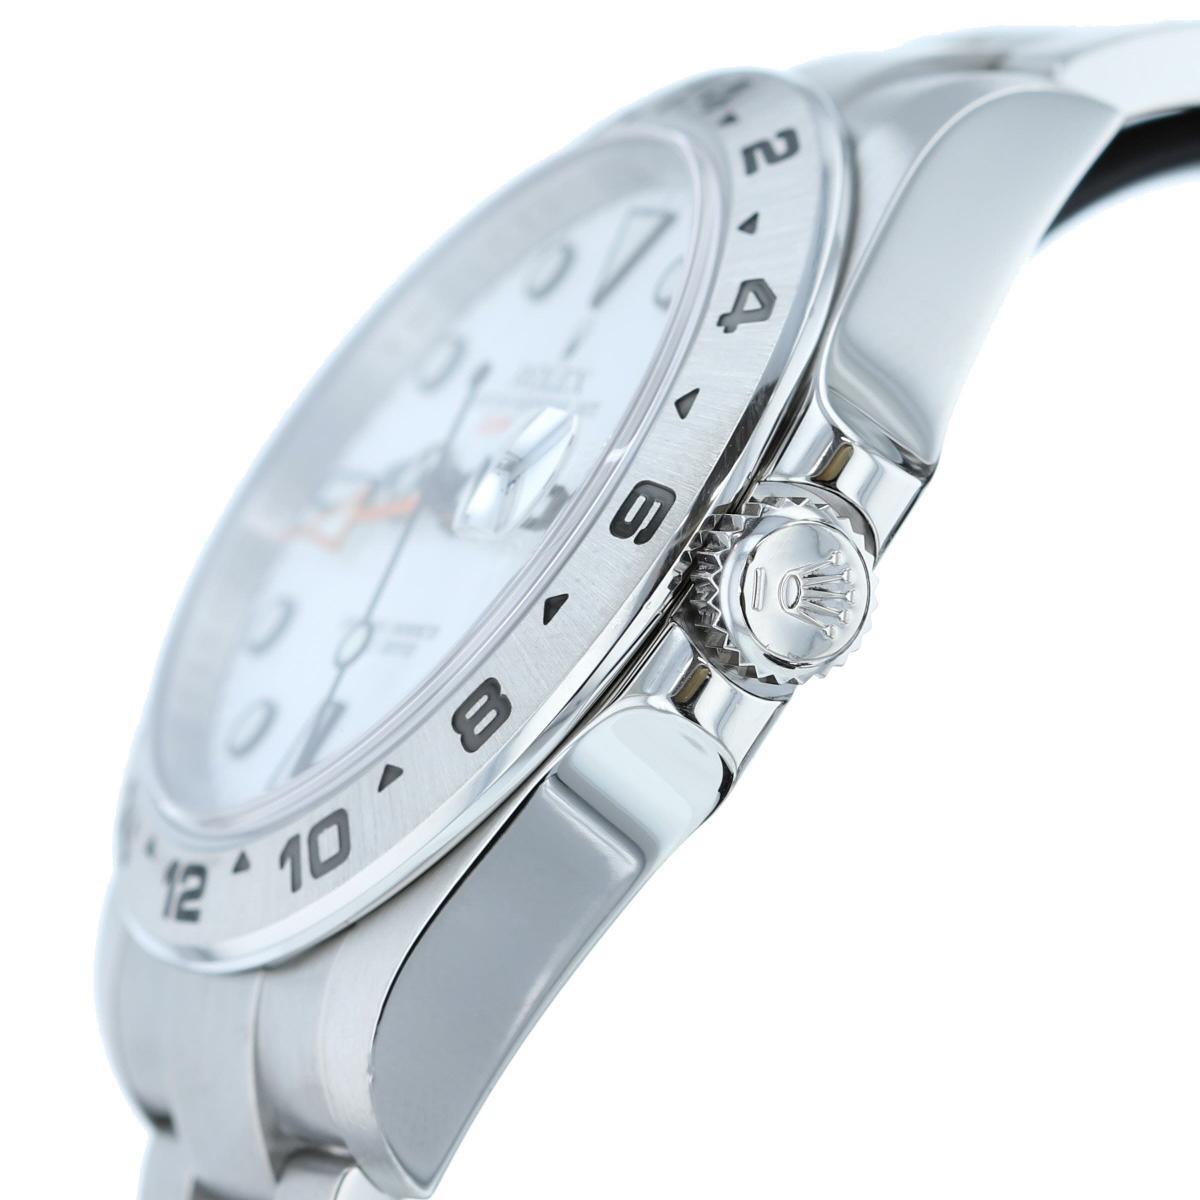 【即日発送・水曜定休日・木曜発送】【美品】【オススメ】【RI】 ROLEX (ロレックス) エクスプローラーII White 時計 自動巻き/メンズ EXPLORER� White/ホワイト 216570 used:A